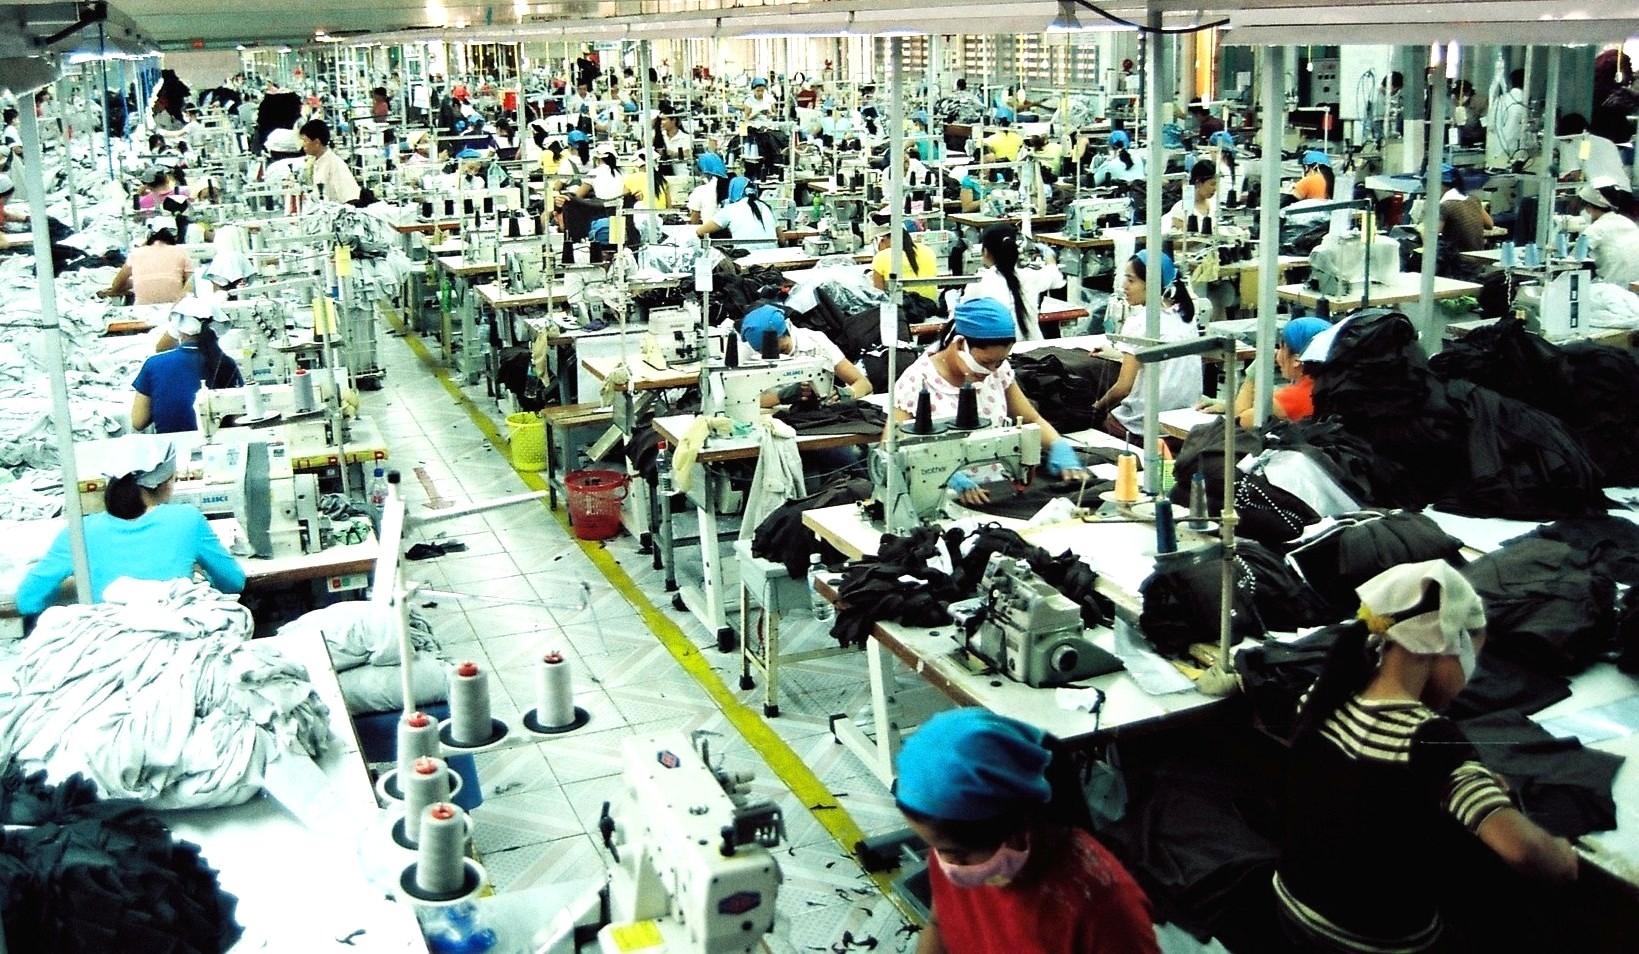 10 sự kiện nổi bật của công nghiệp - thương mại Việt Nam năm 2012